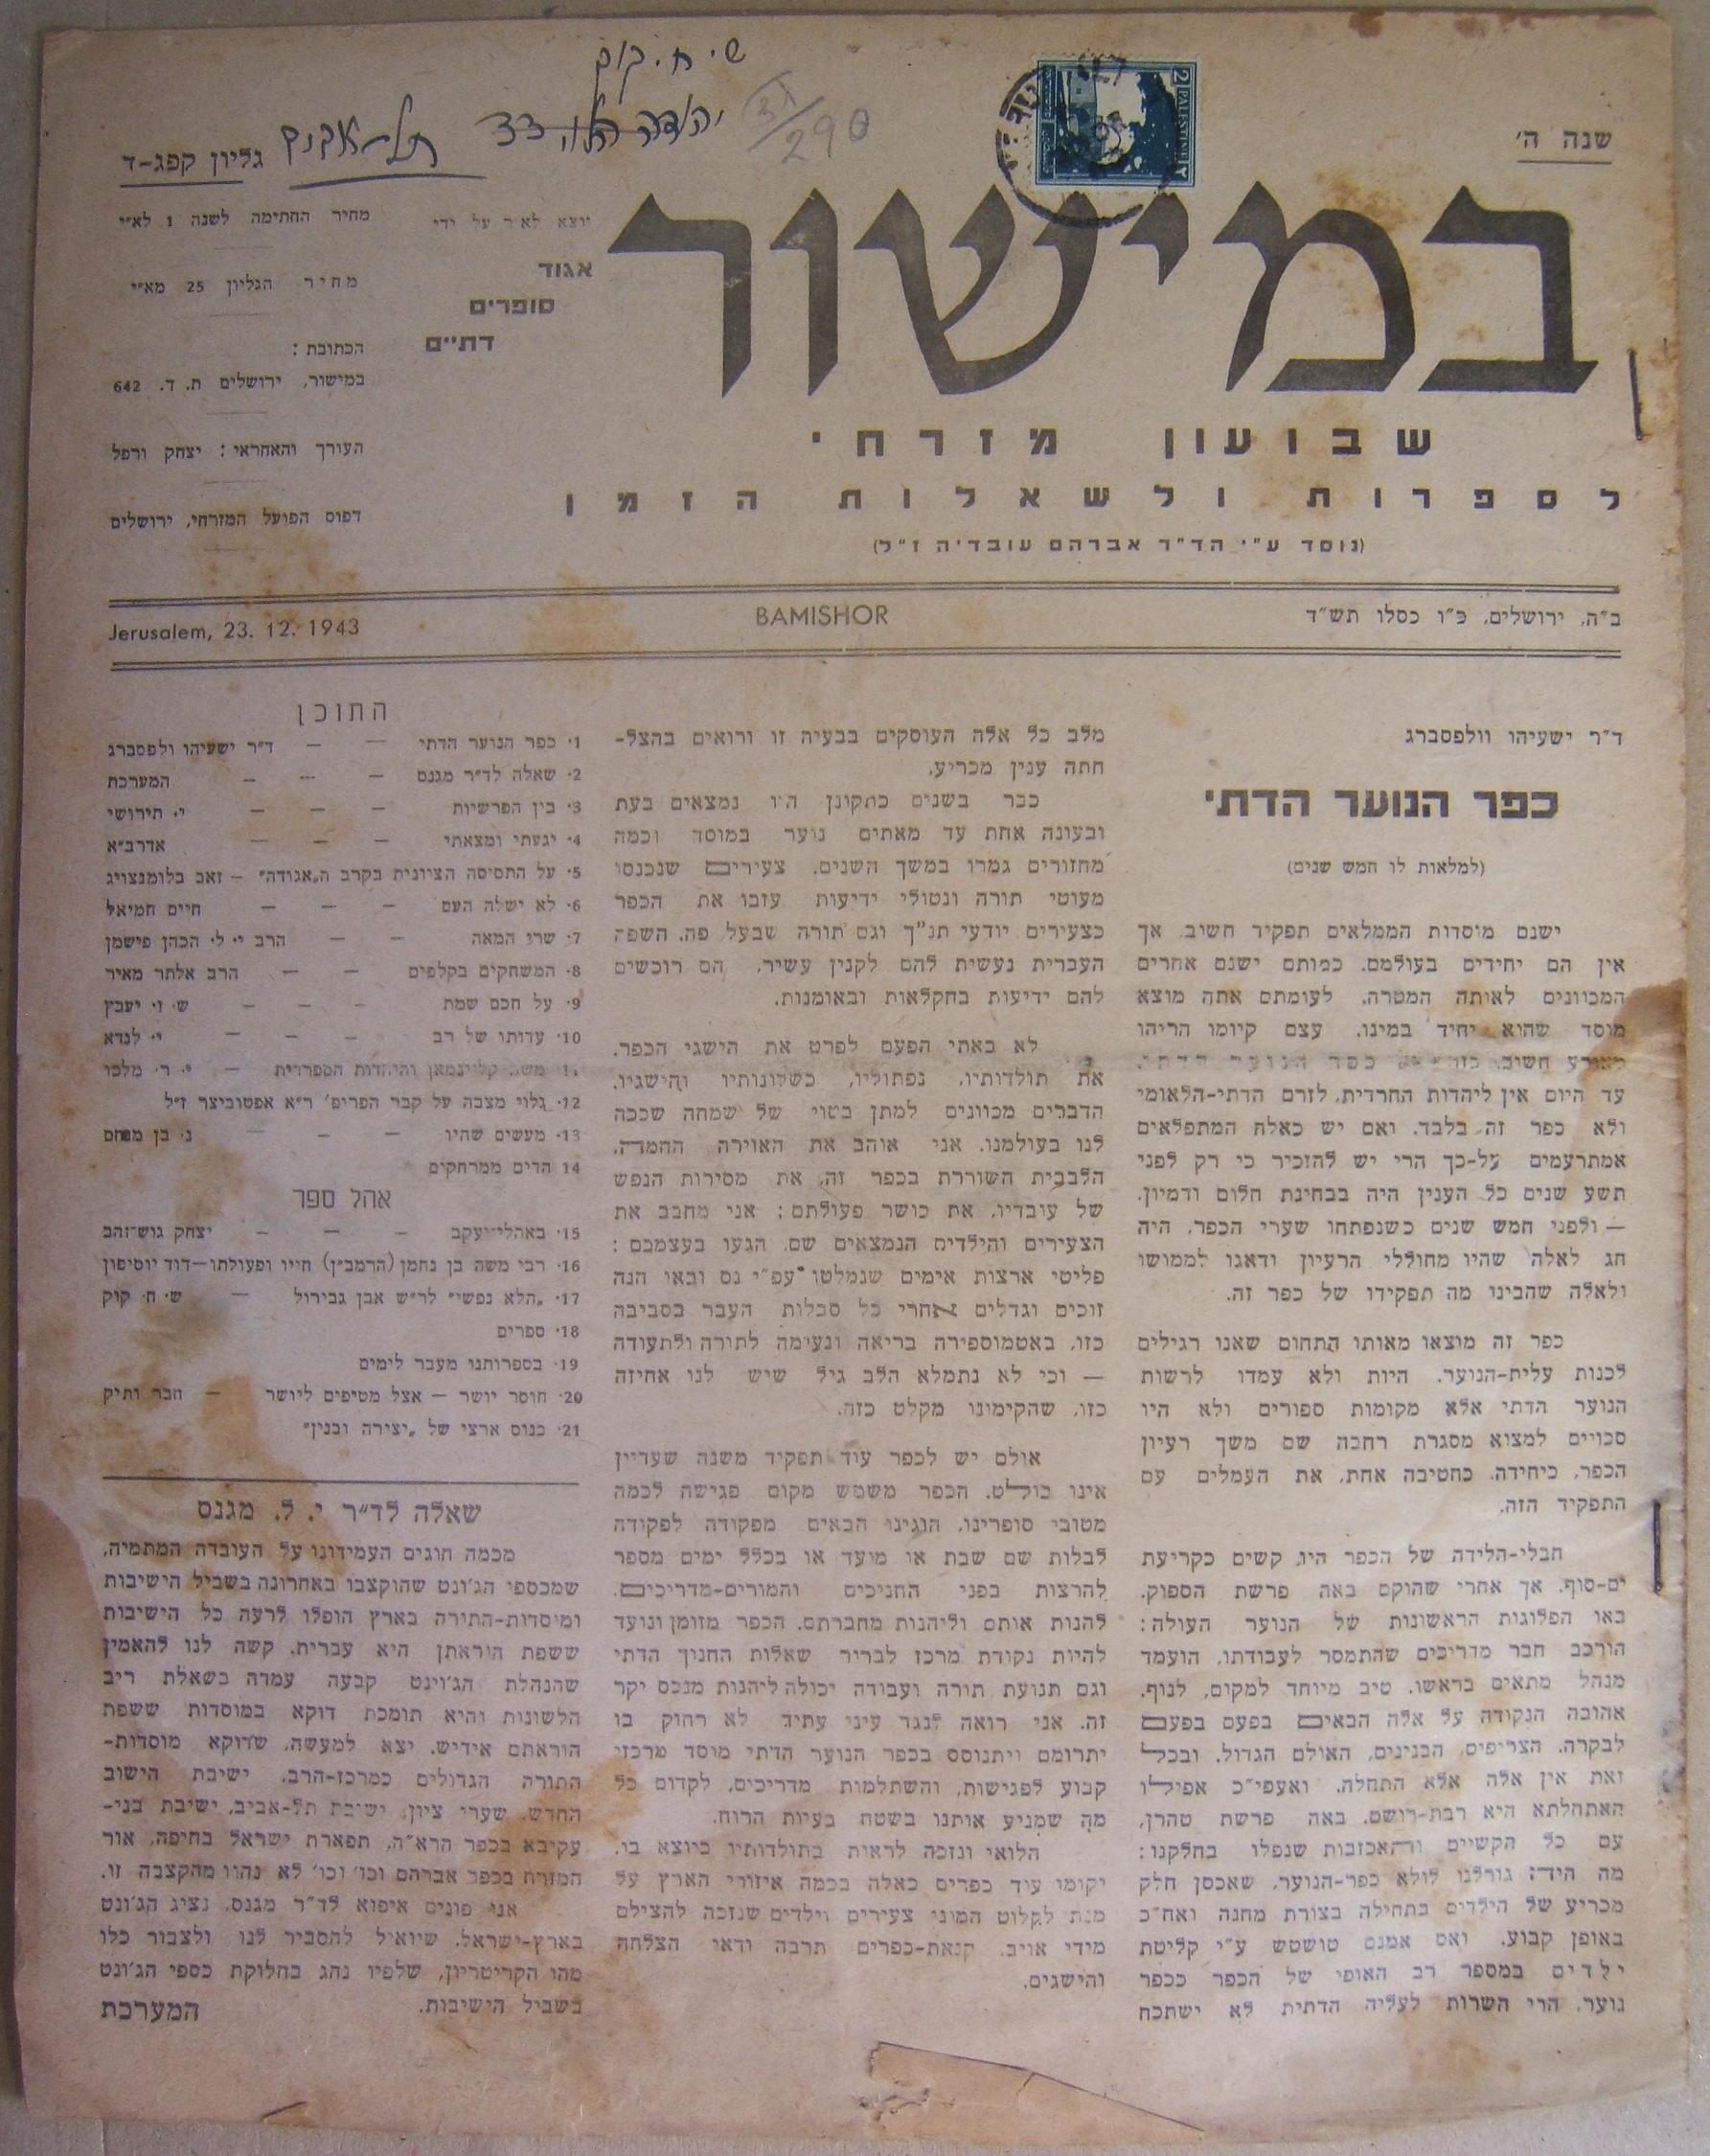 الانتداب على فلسطين نشر بطباعة مطبوعة بطباعة مترين مطبوع على جريدة 1943